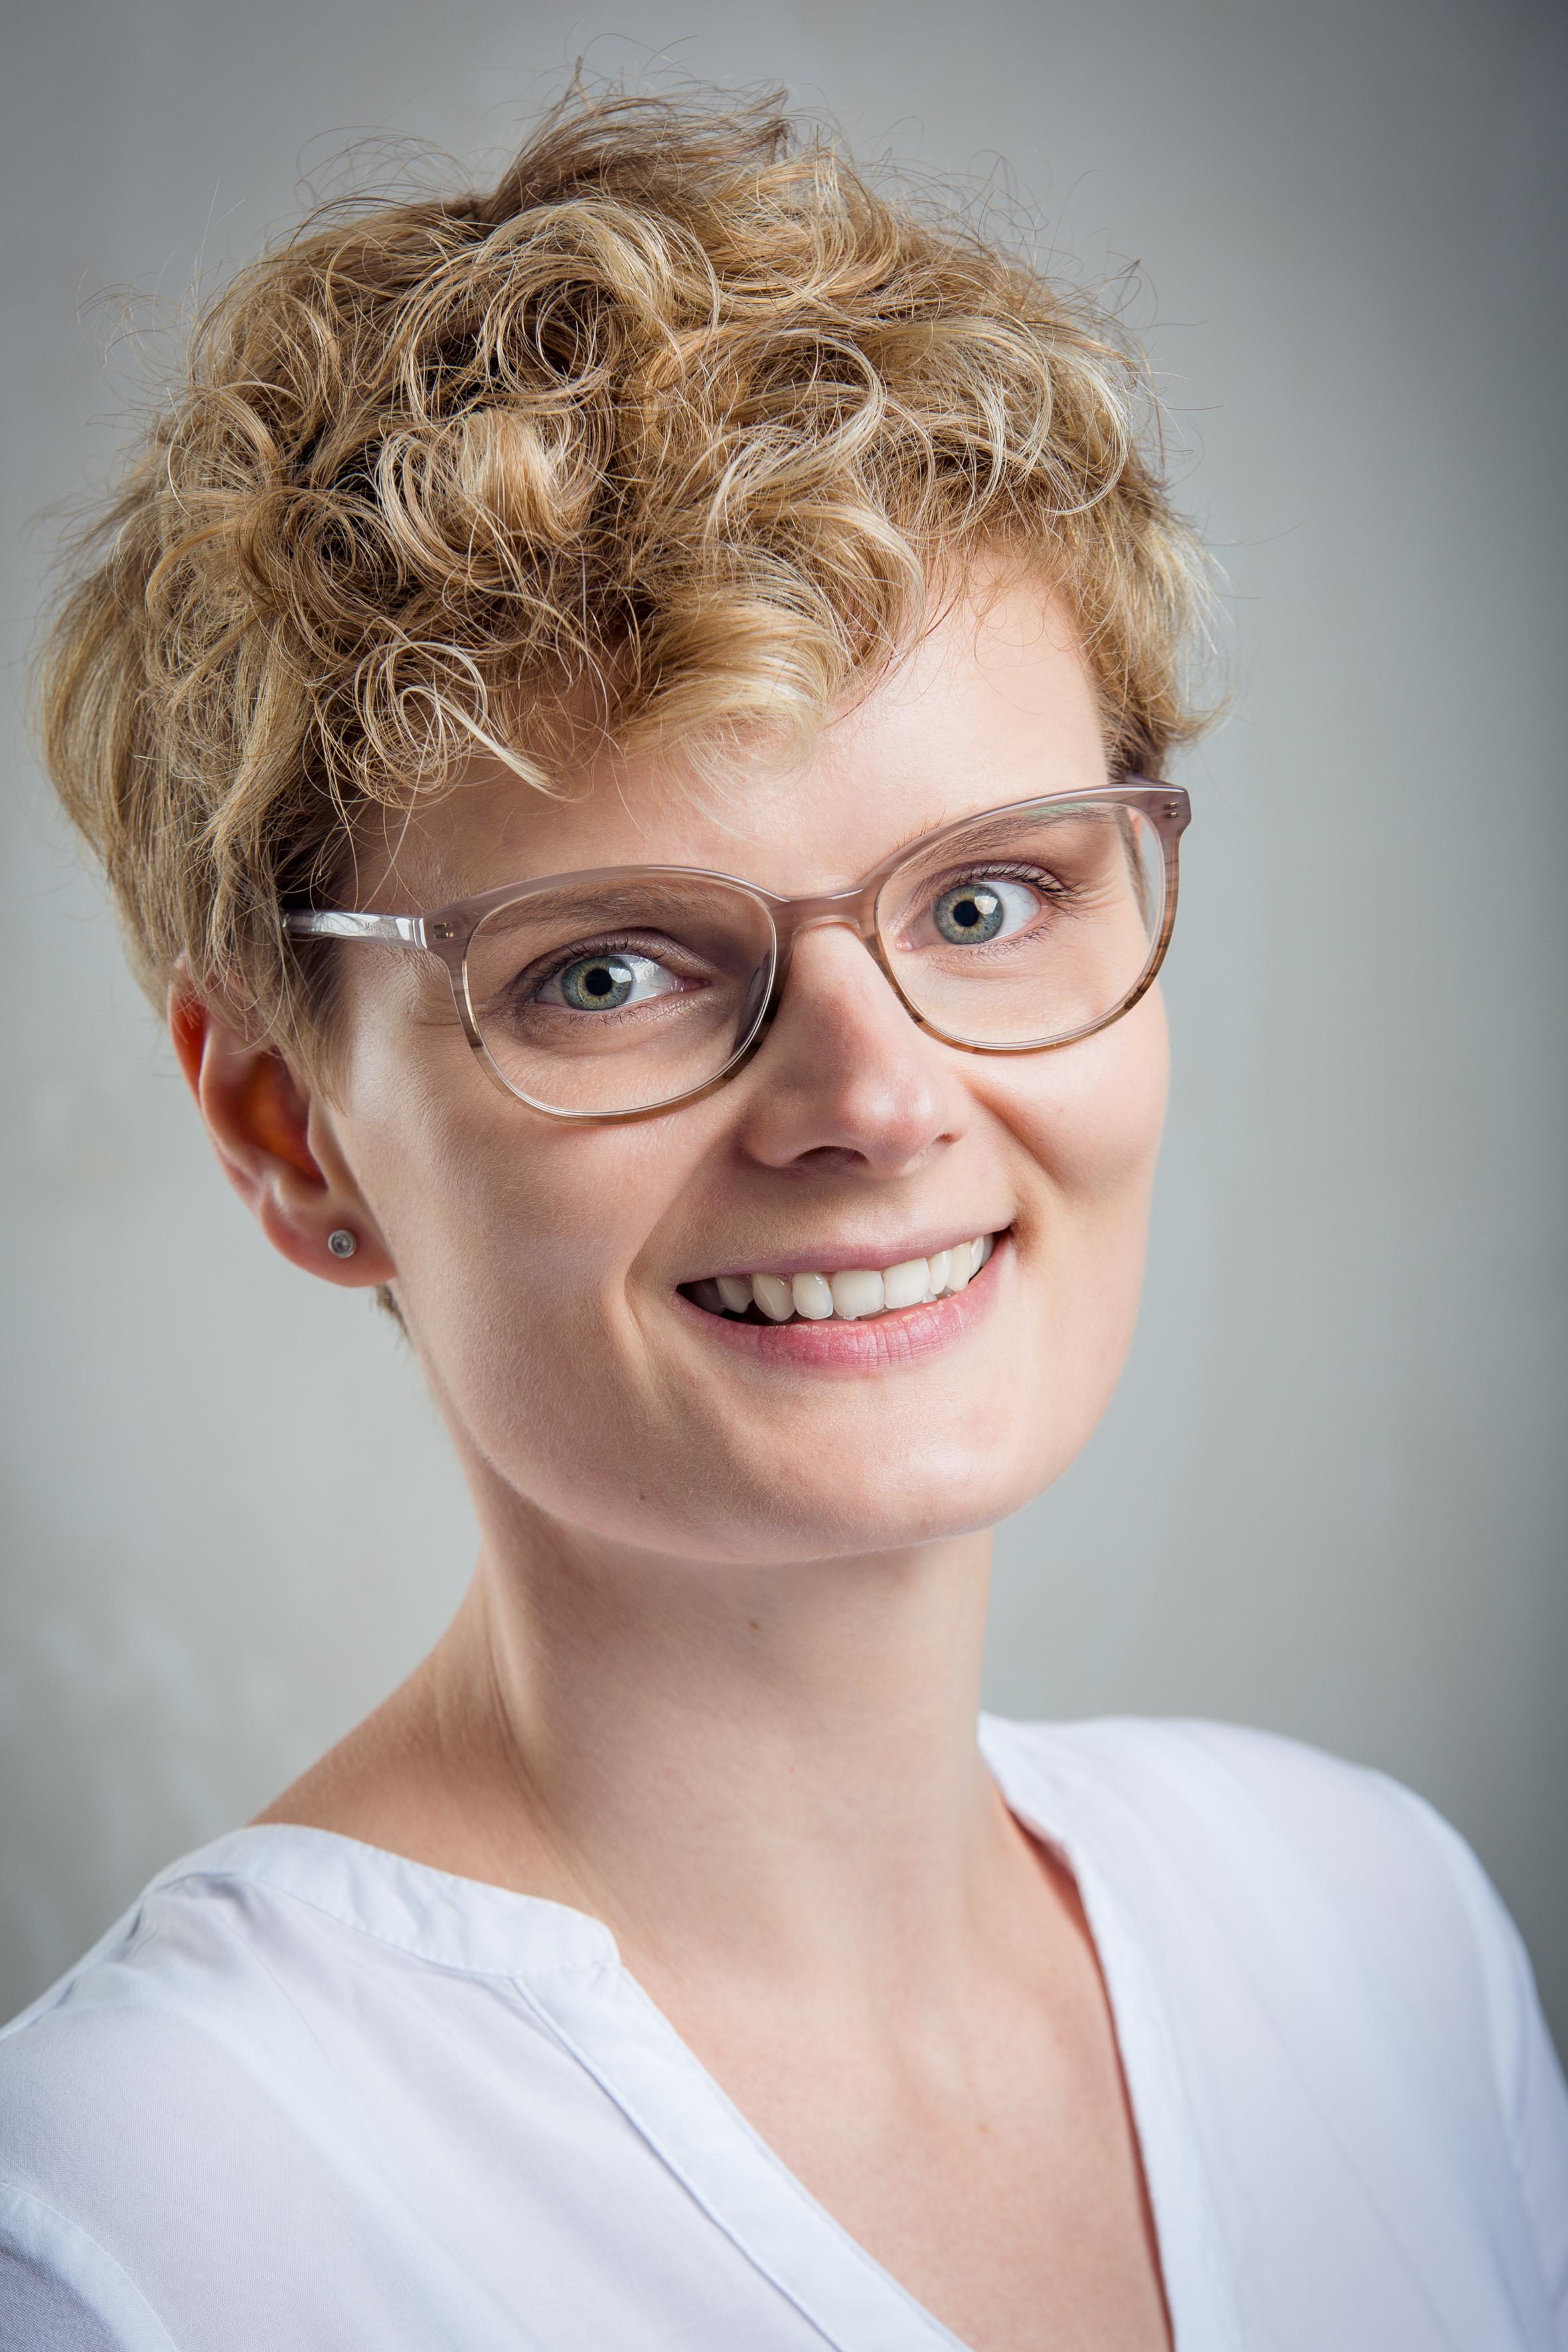 https://augenlicht.clinic/wp-content/uploads/2019/11/Klamann_Katharina.jpg